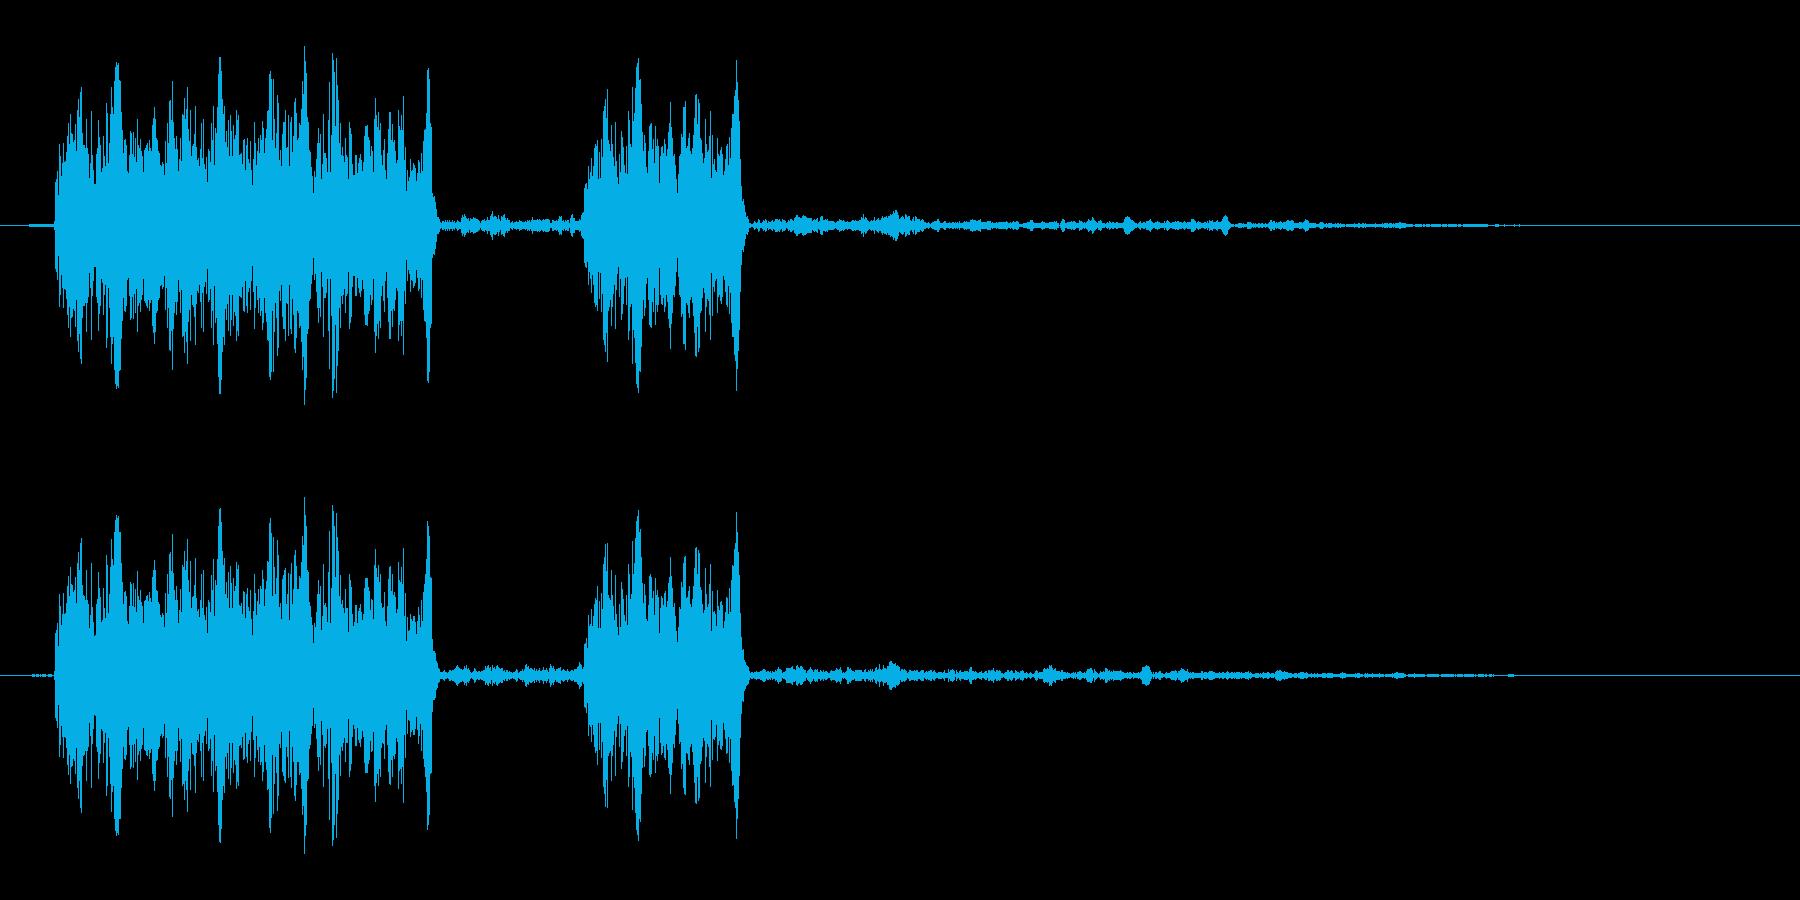 ギュギュッ(ダメージ音)の再生済みの波形